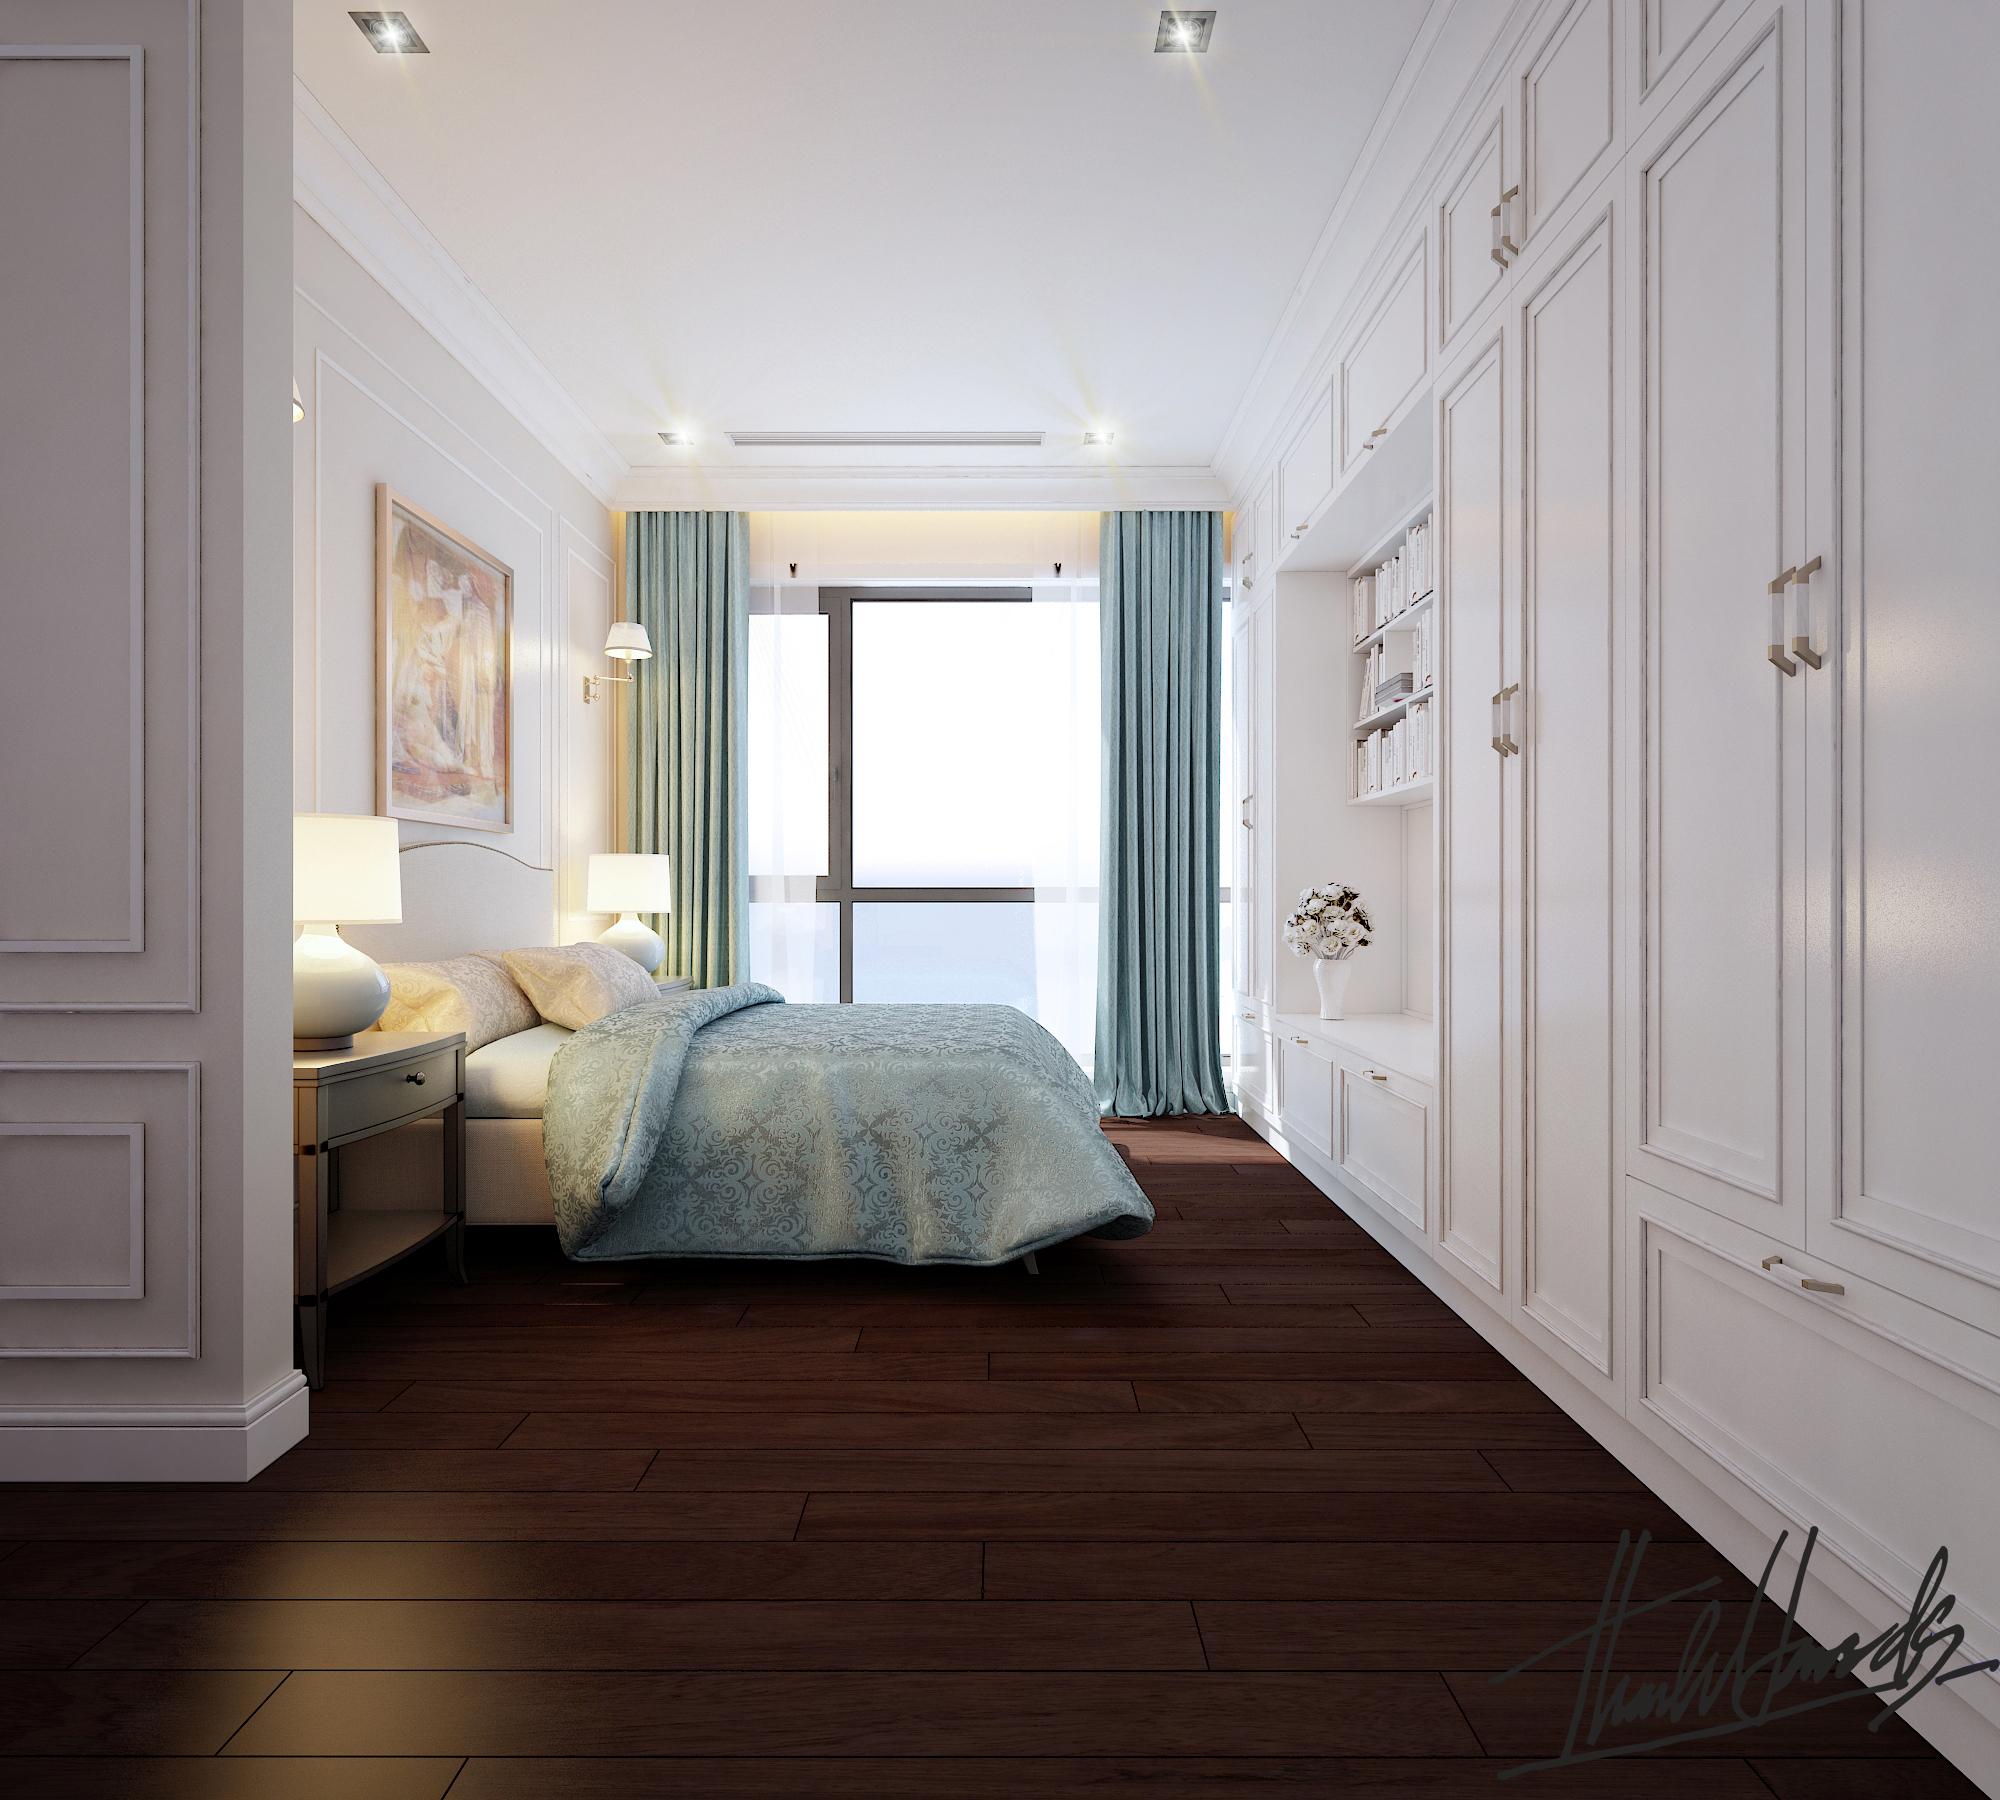 thiết kế nội thất chung cư tại Hà Nội chung cu royacity 20 1568191843